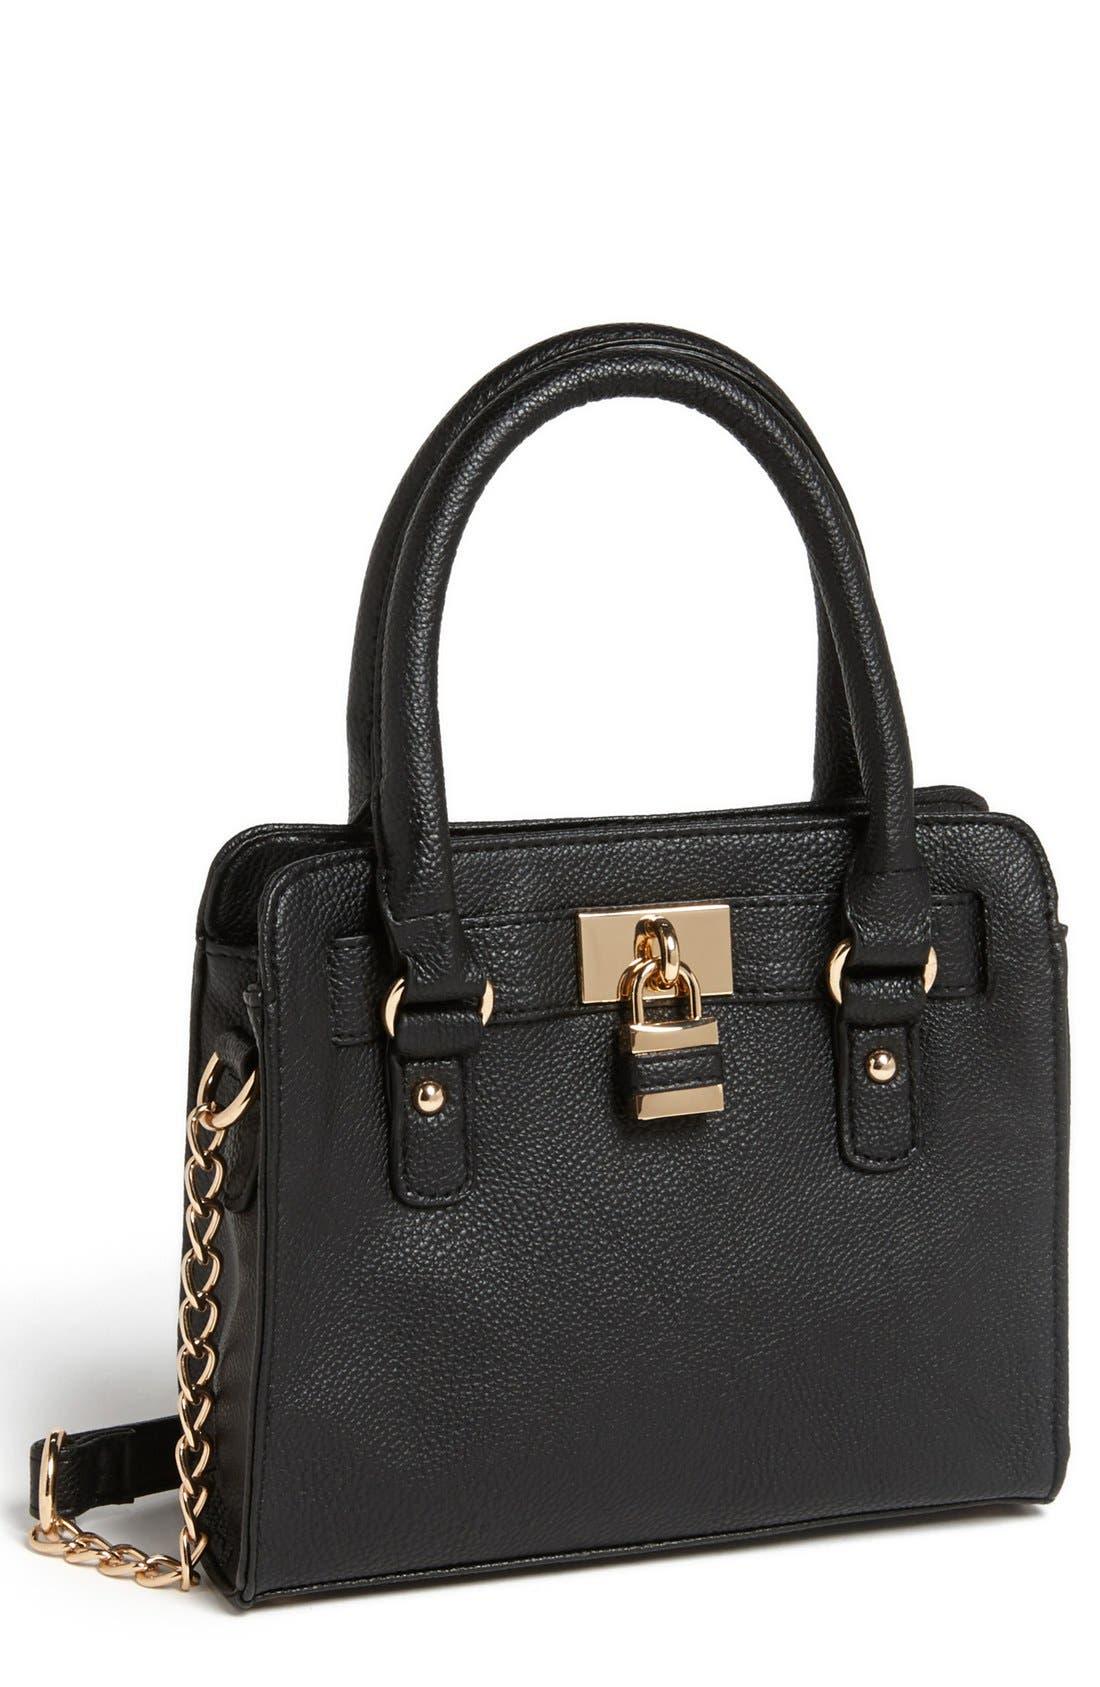 Alternate Image 1 Selected - BP. Faux Leather Crossbody Bag (Juniors)